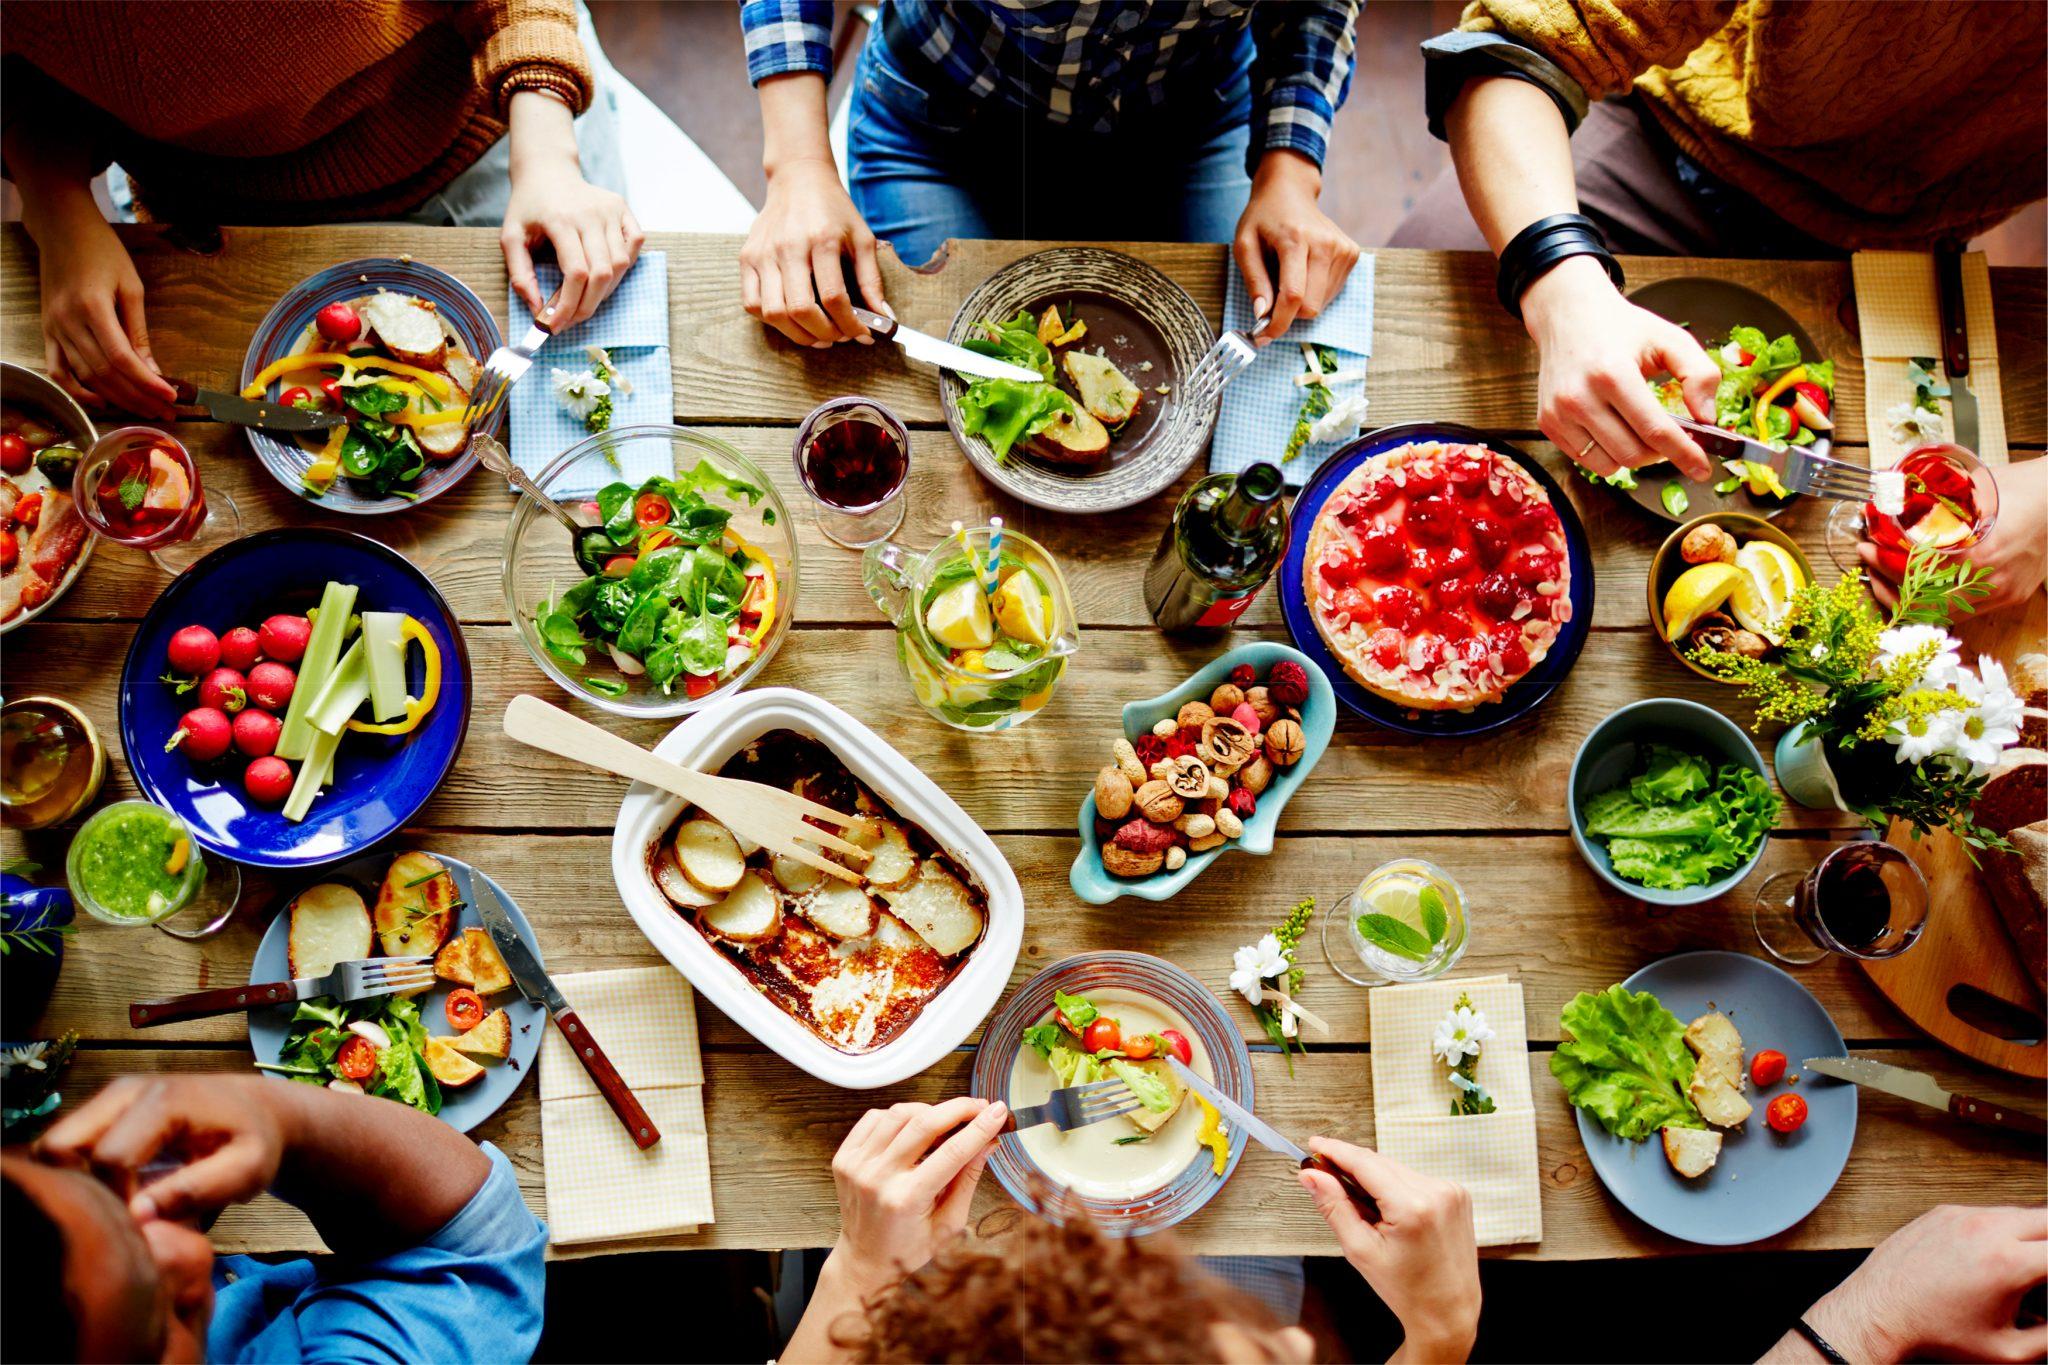 楽しそうに食事をしている人たち